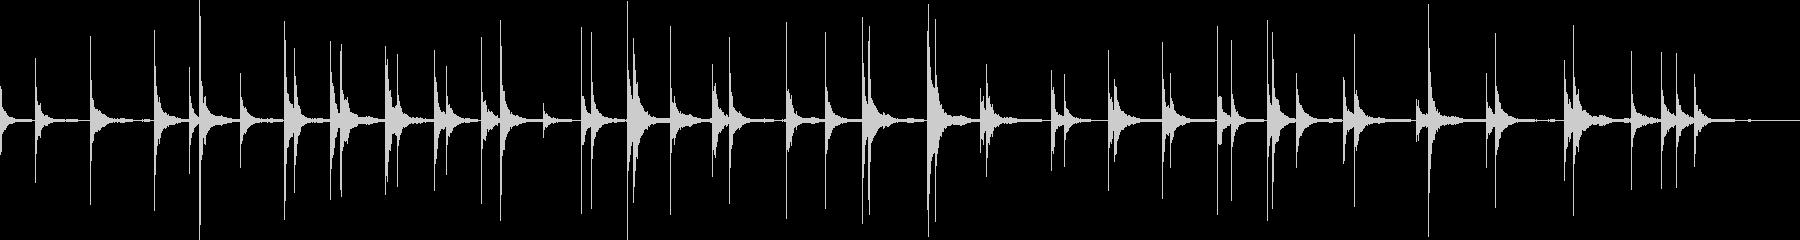 映画 スローな口笛風シンセ2 癒し 催眠の未再生の波形